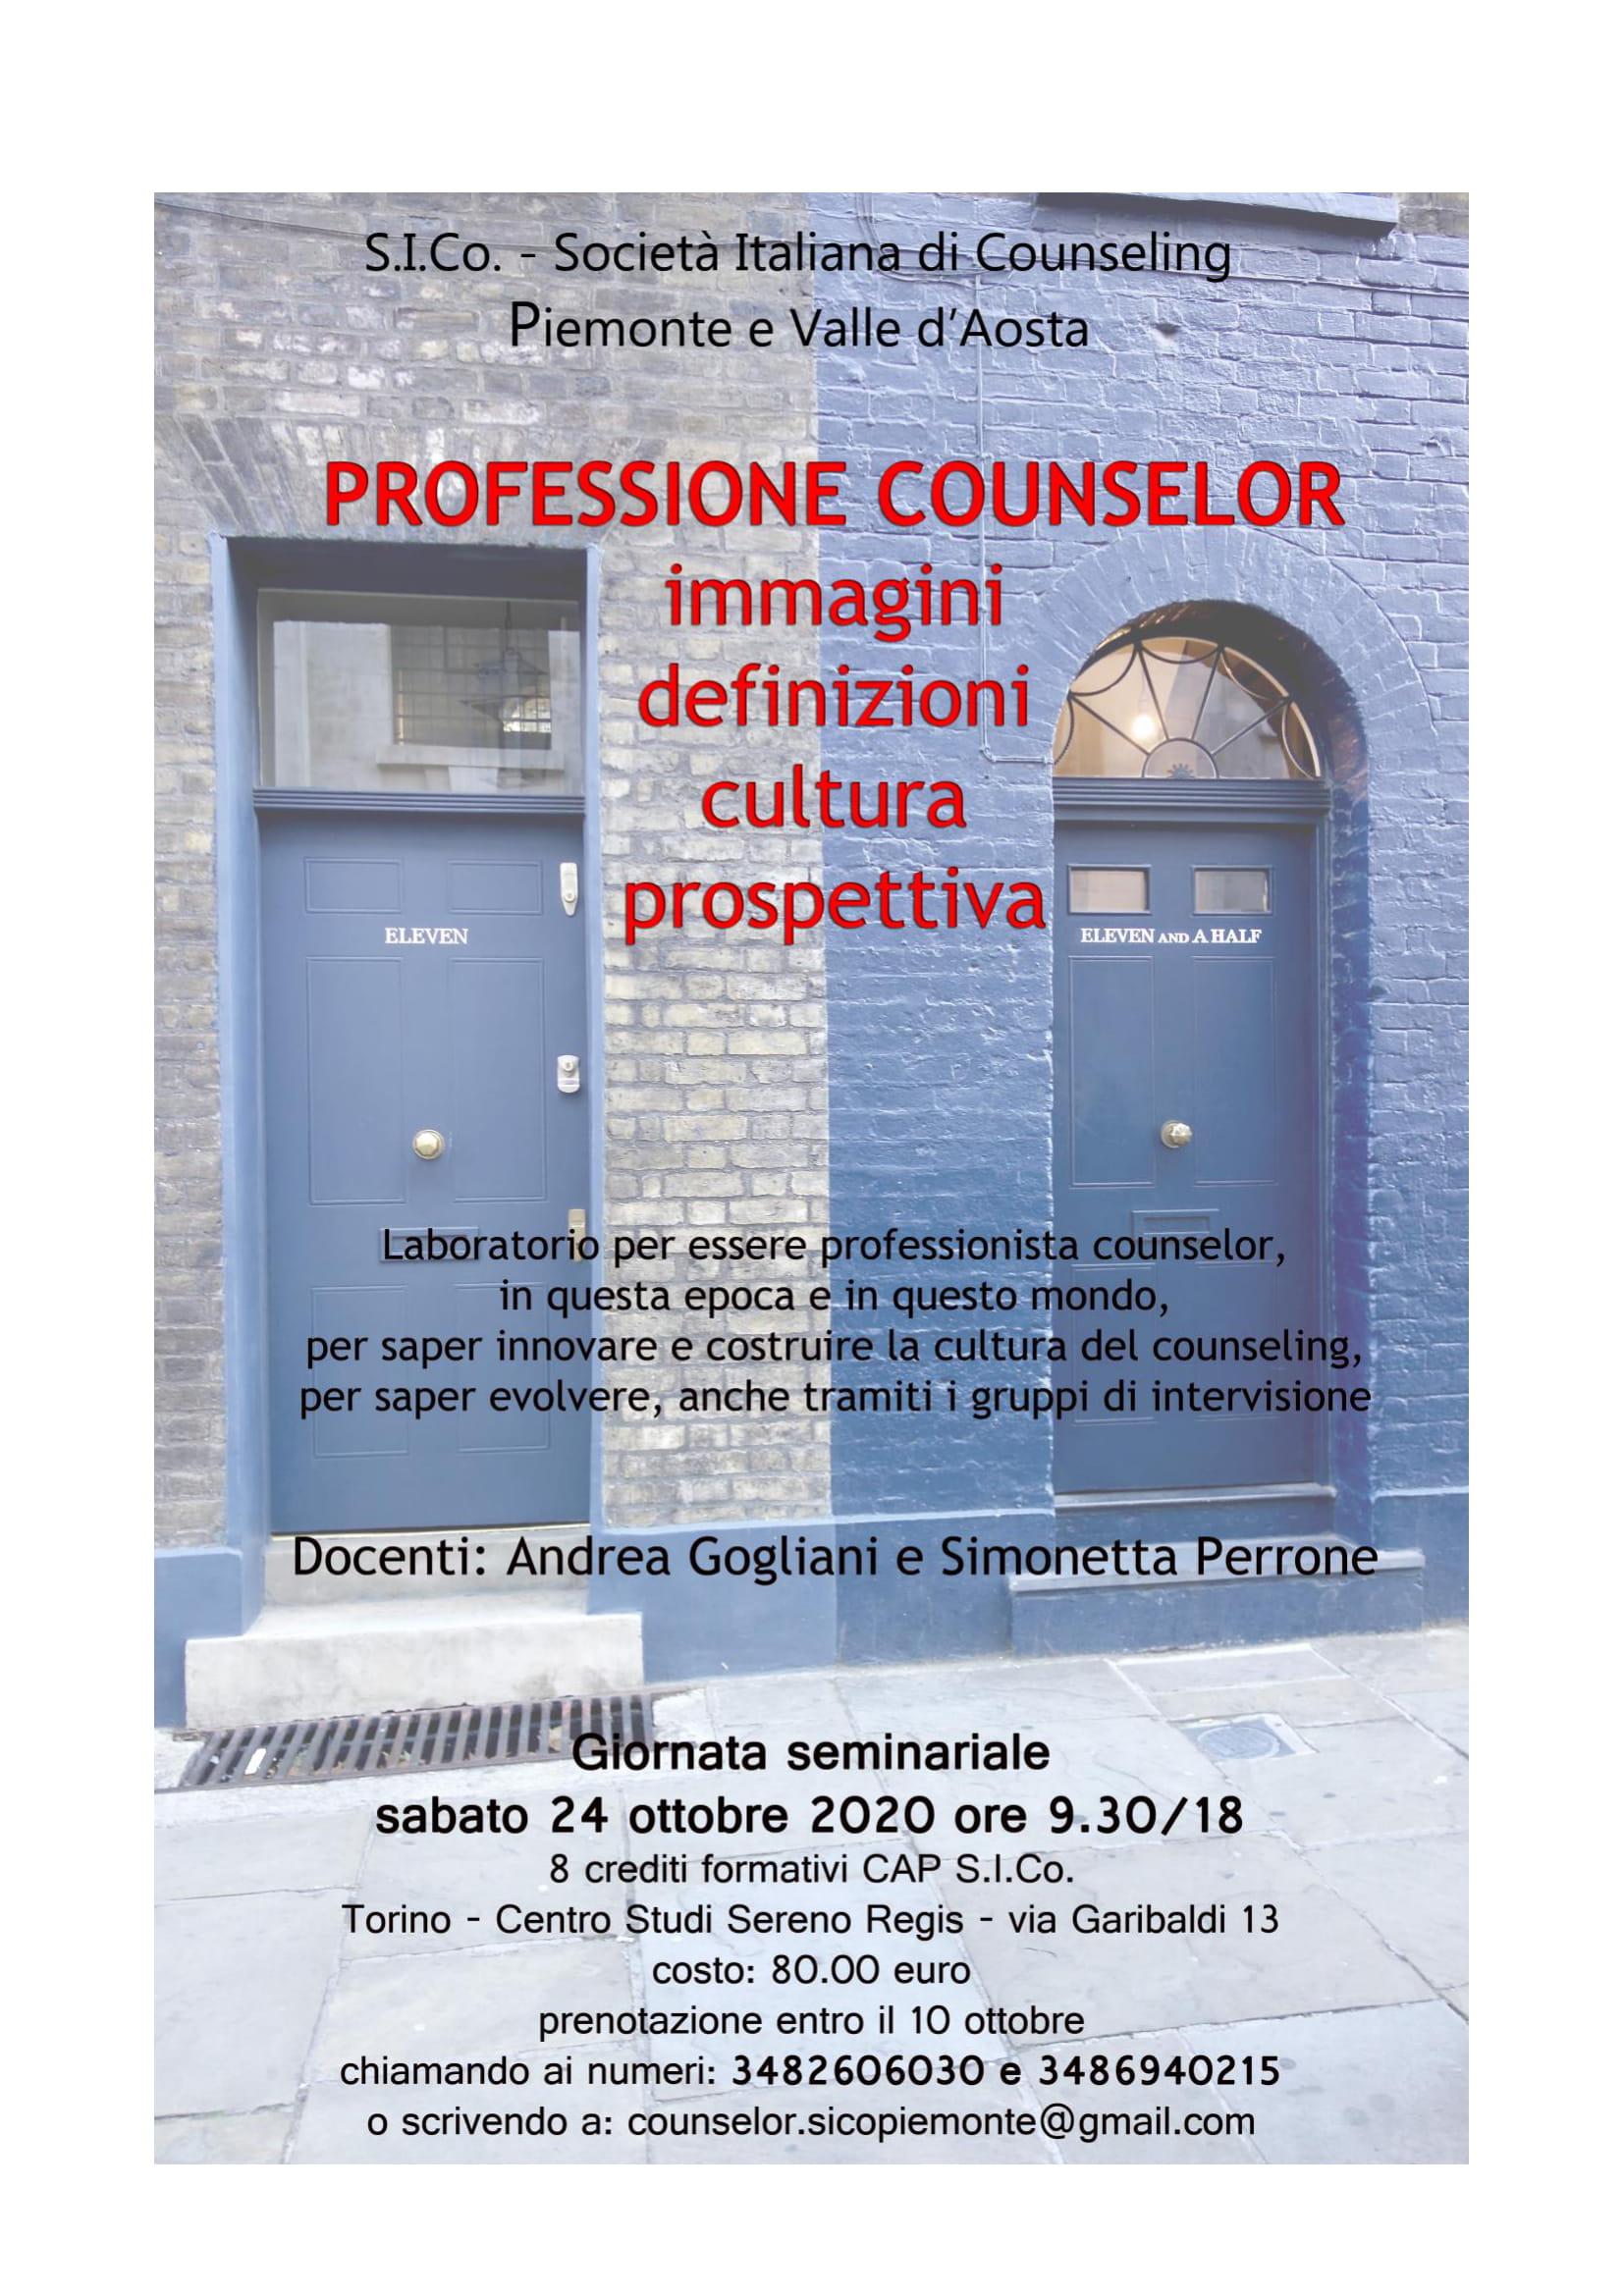 """TORINO (TO) – 24 ottobre 2020 – """" PROFESSIONE COUNSELOR """" – S.I.Co. Società Italiana di Counseling – Piemonte e Valle d'Aosta"""